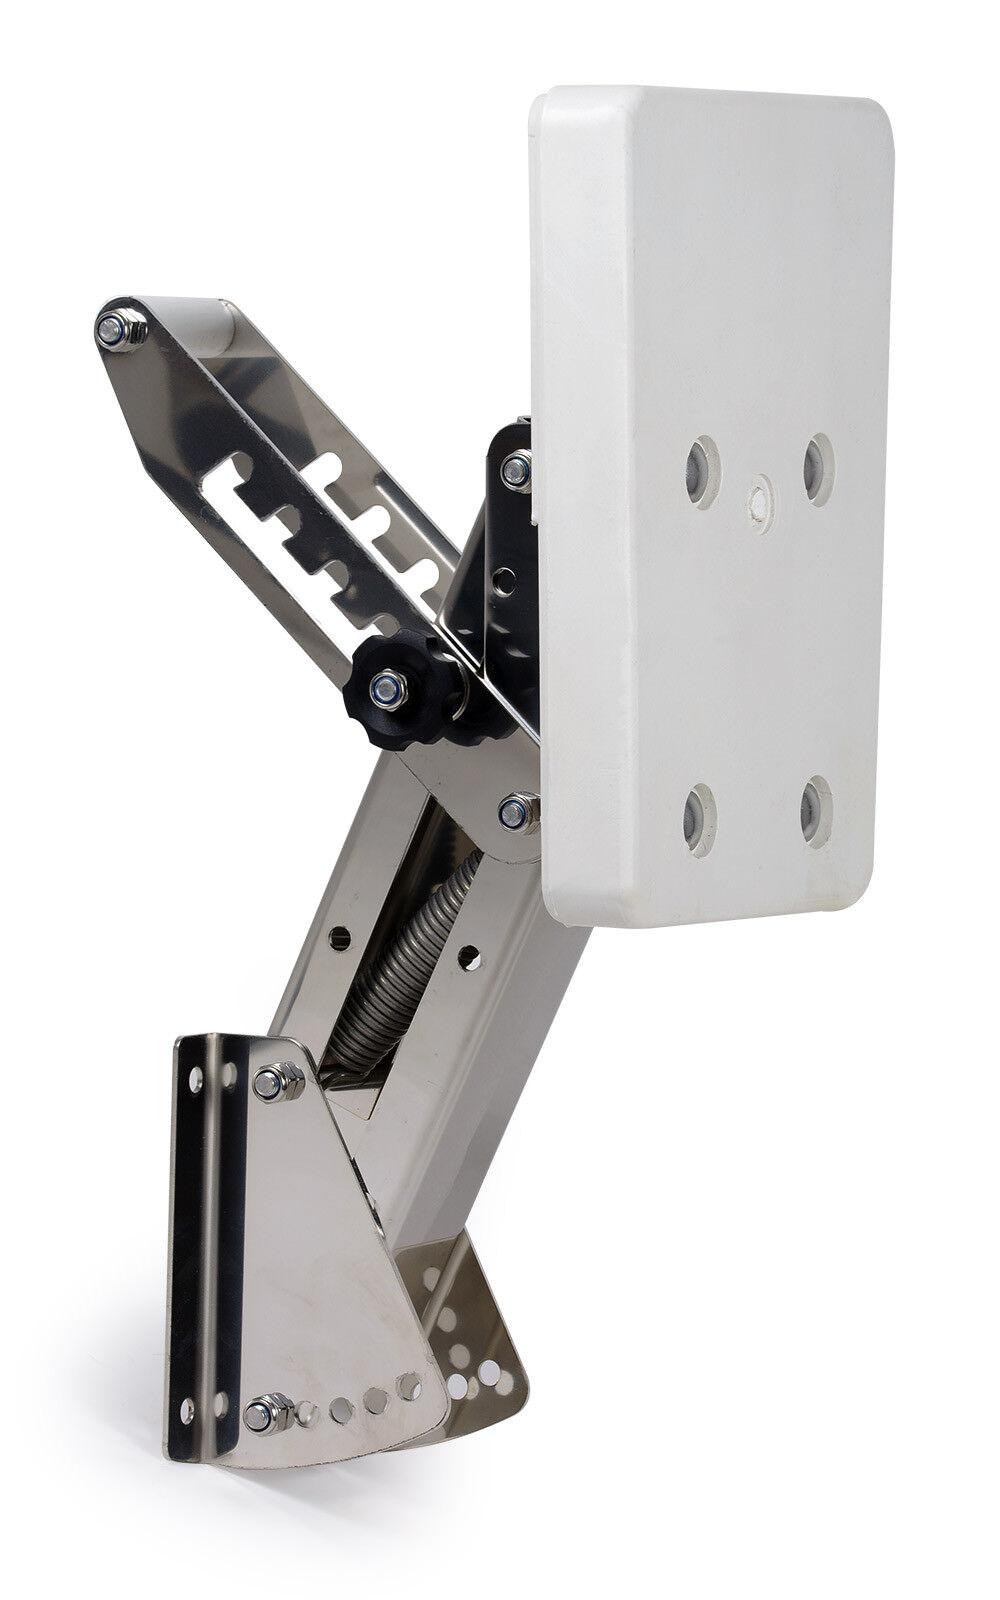 Außenborder-Halterung PS Motor 7 PS Außenborder-Halterung 5 Positionen verstellbar Edelstahl Kunststoff 6d63bf